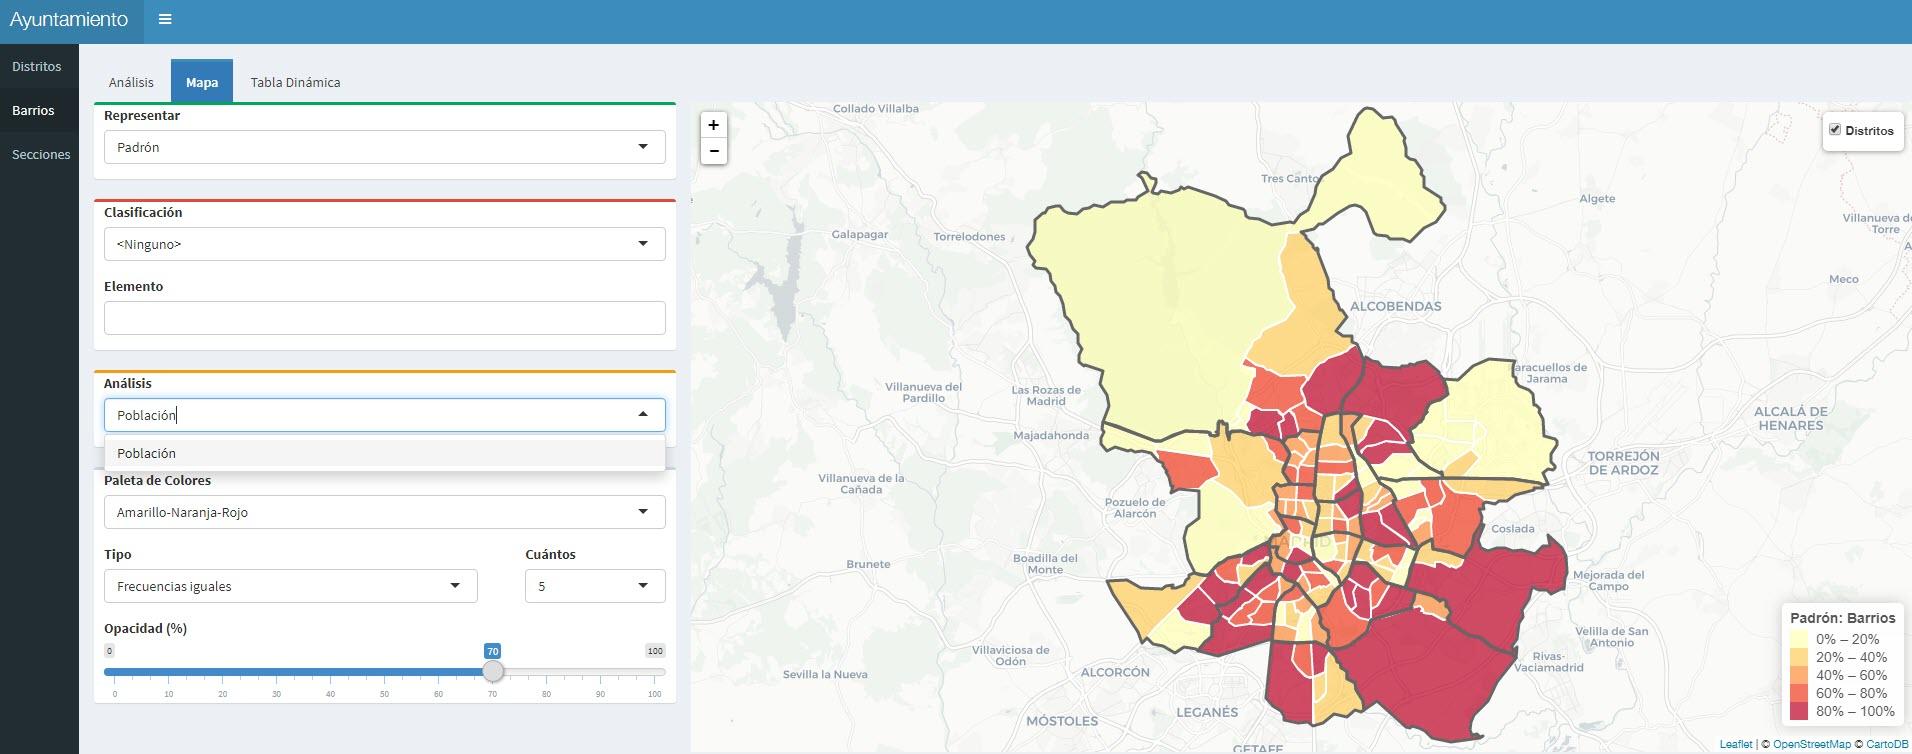 visualización de datos sobre mapa